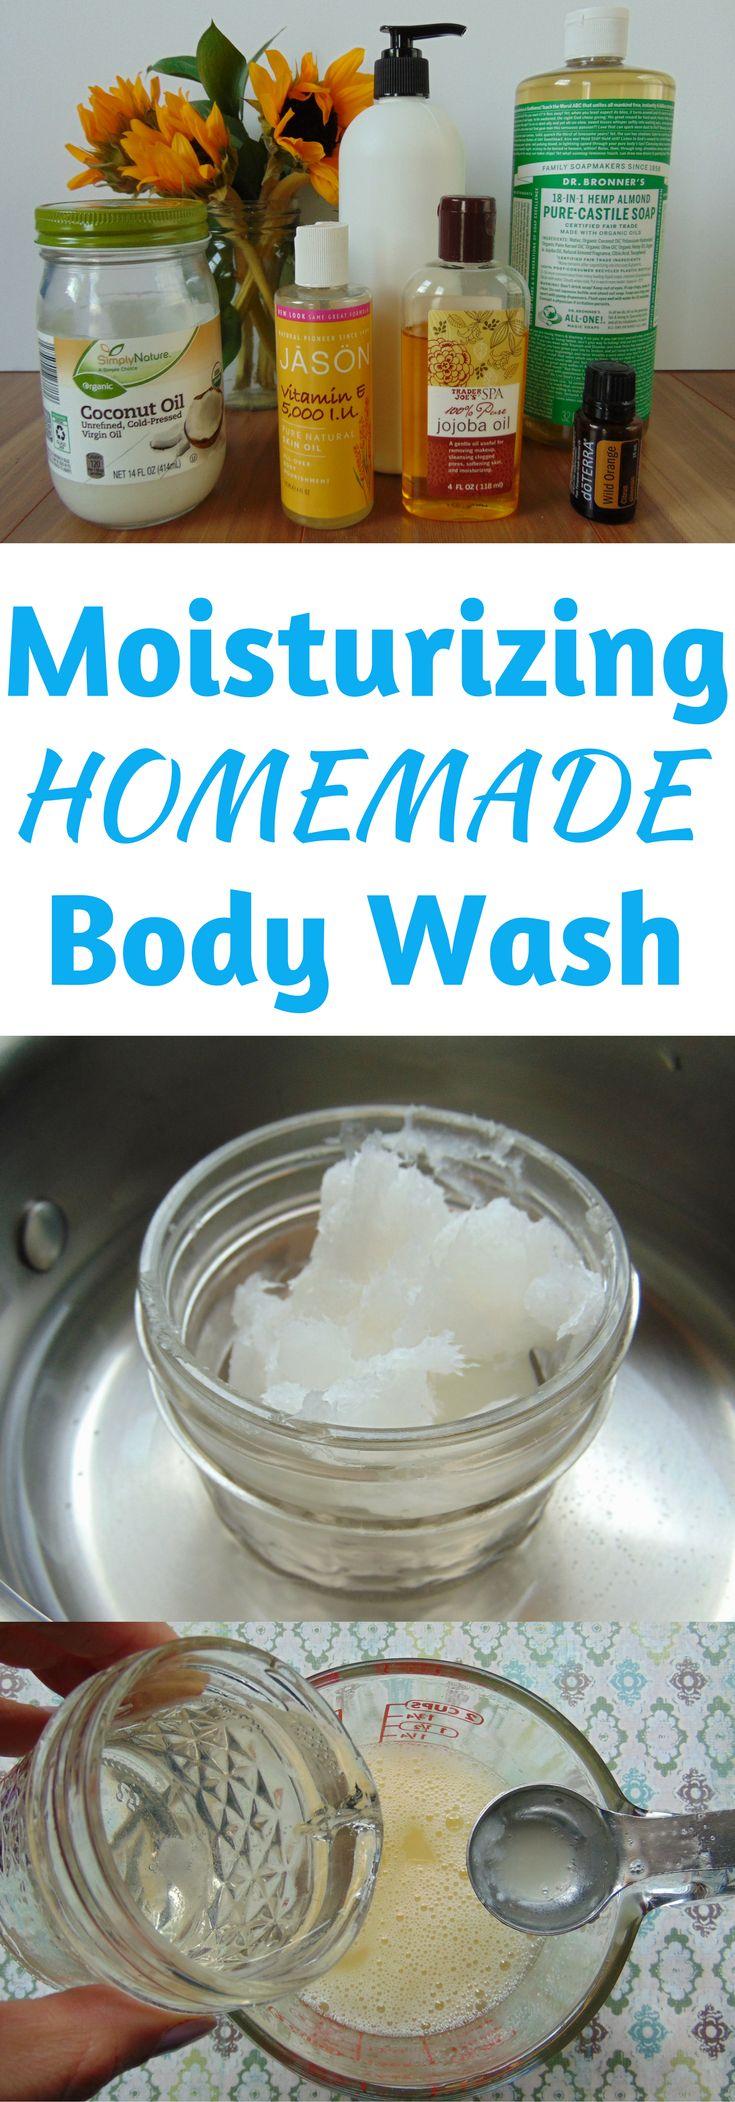 Homemade Moisturizing Body Wash Recipe Homemade body